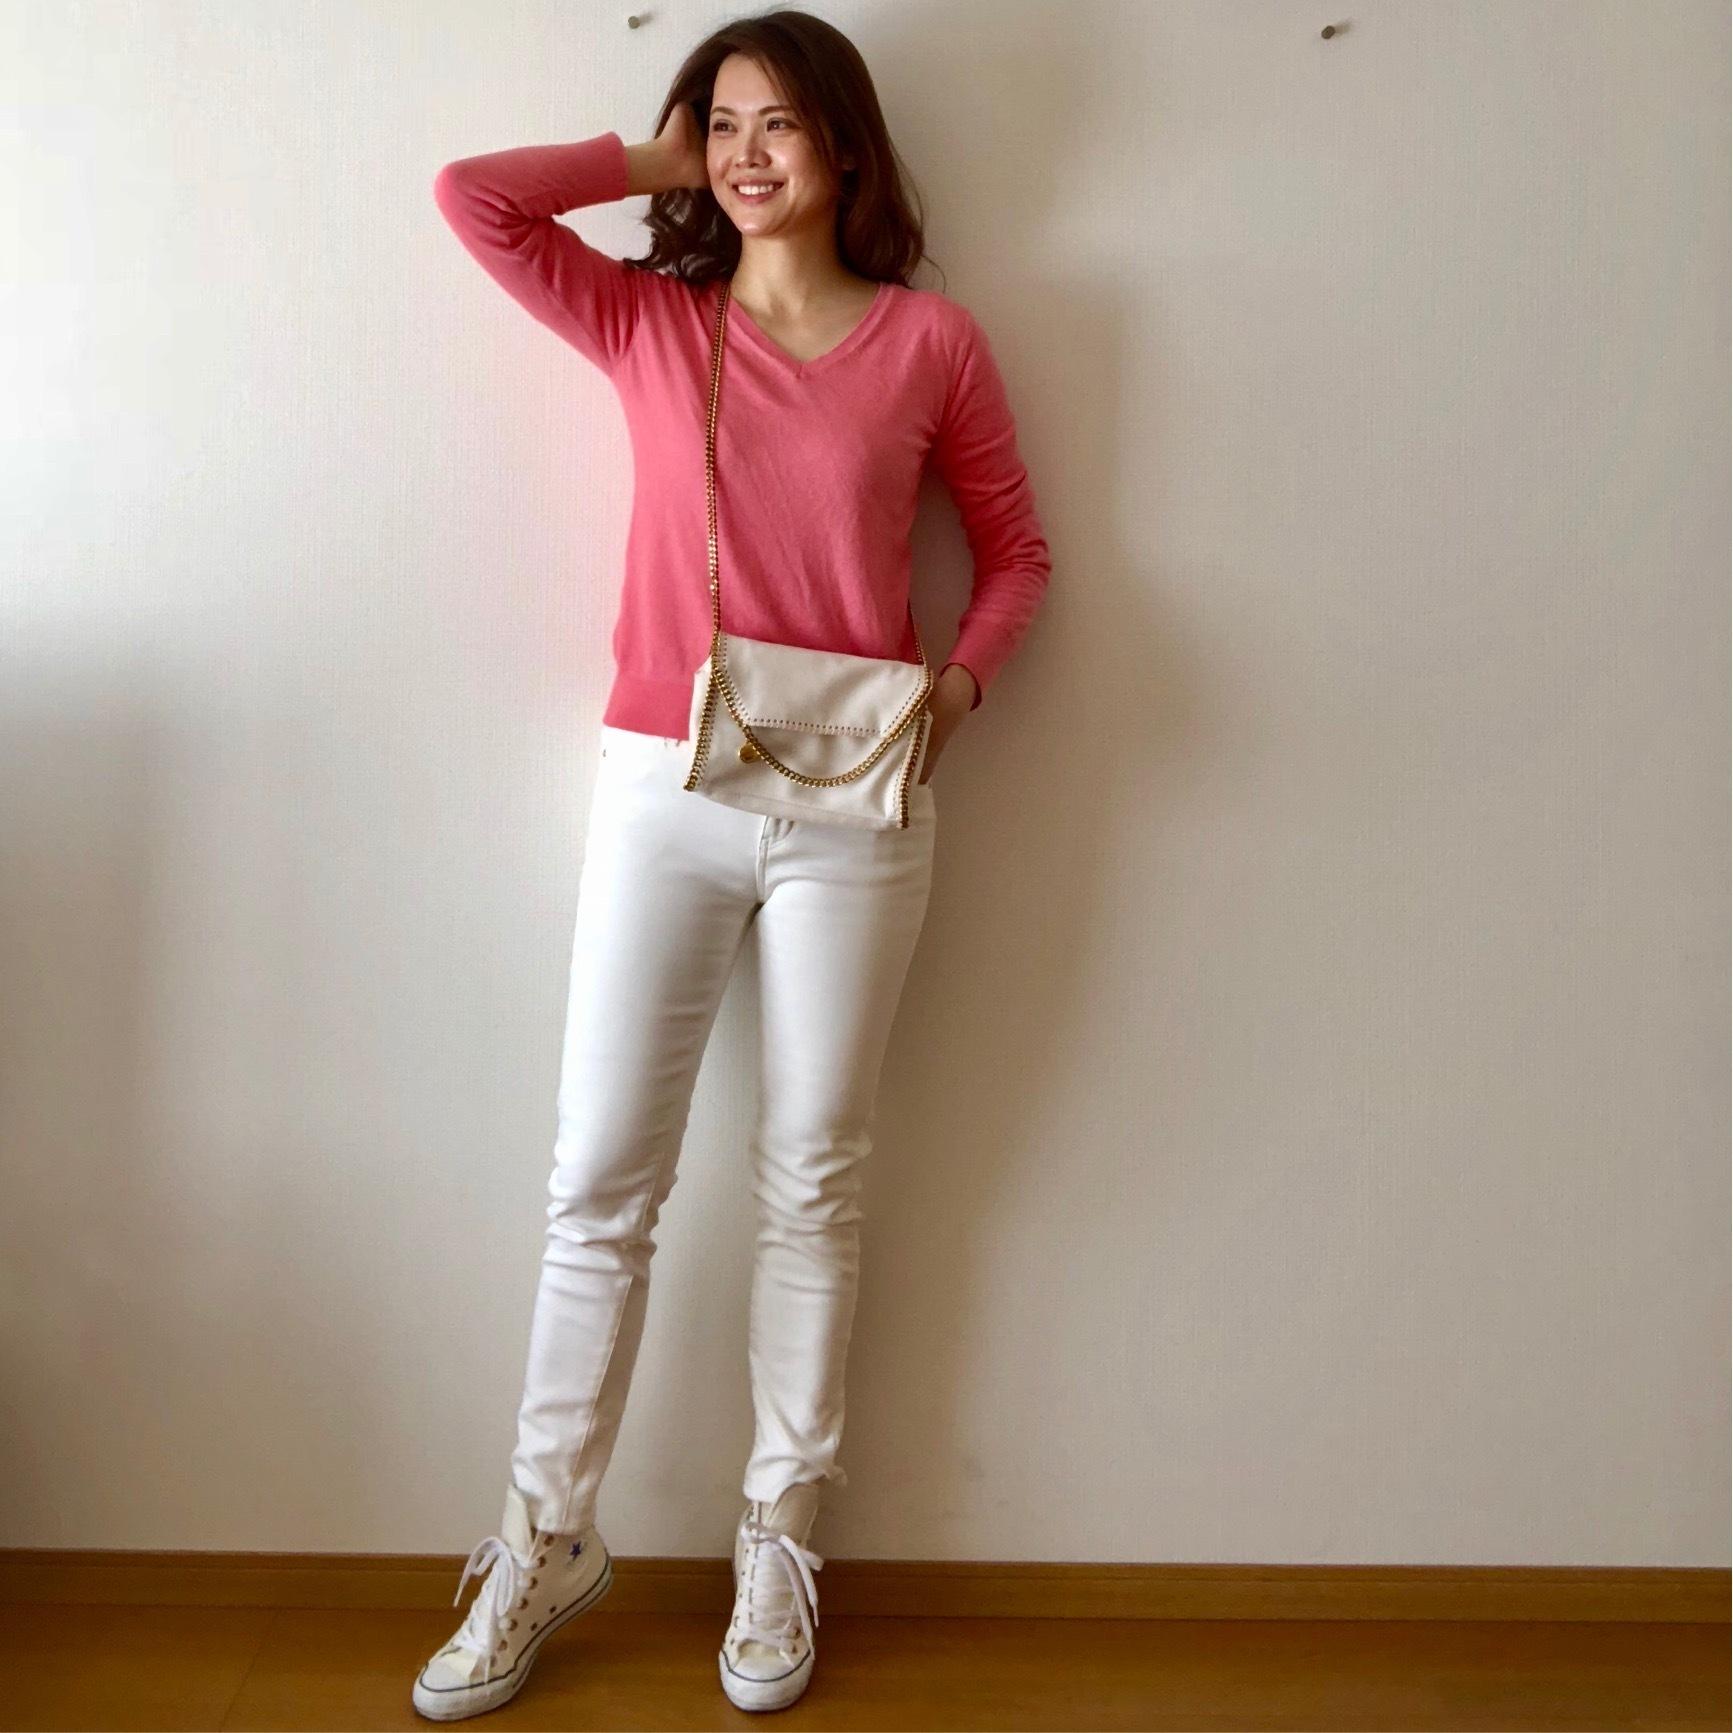 もうすぐ春ですもの、ピンクが着たい!美女組さんが選んだアイテム【マリソル美女組ブログPICK UP】_1_1-1